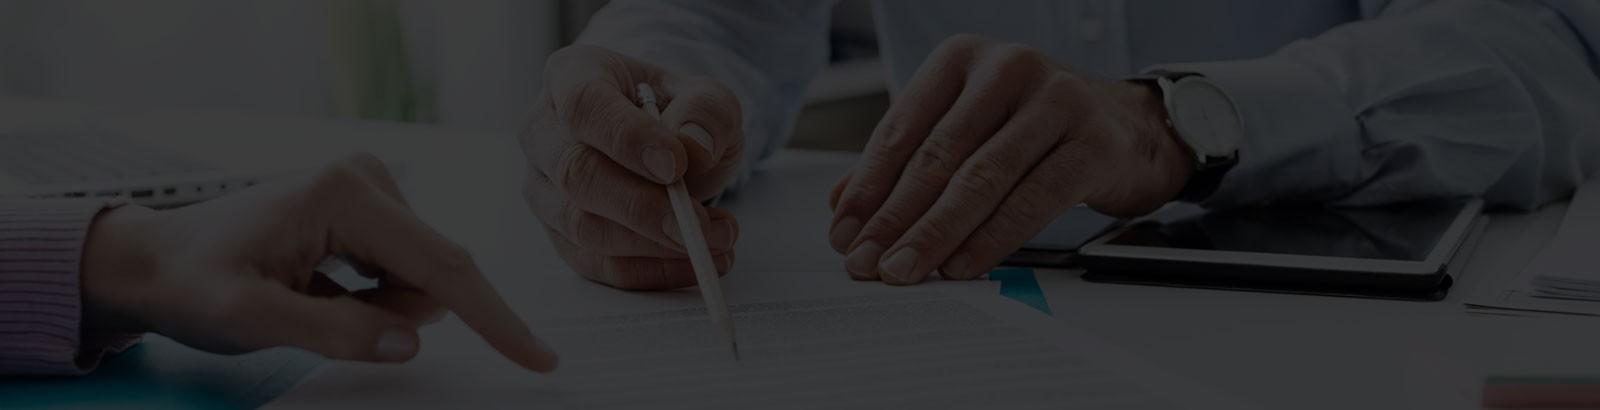 Ecomp - Audit FAQ's